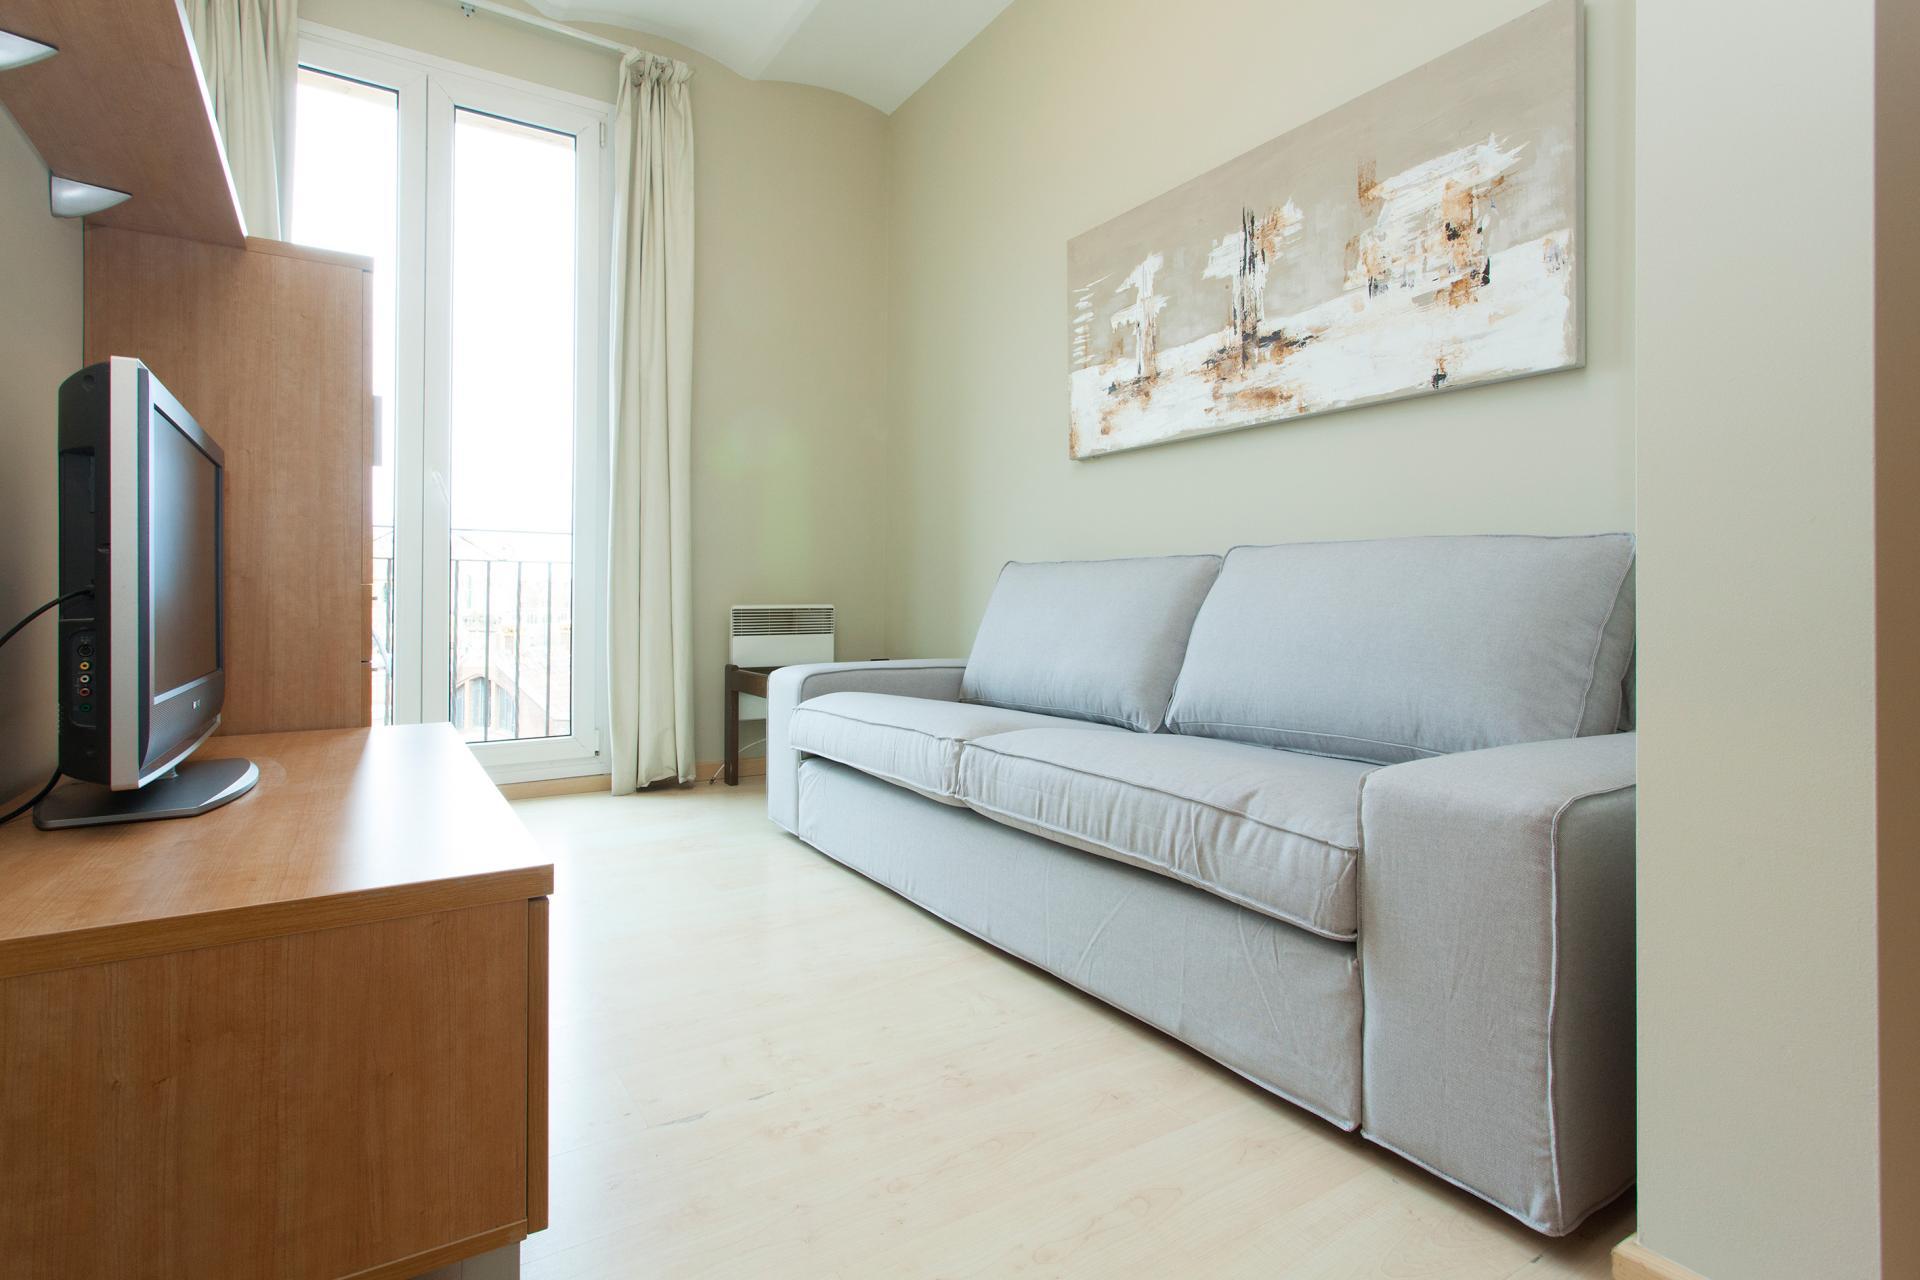 Appartamento con balcone in affitto in via Cartagena